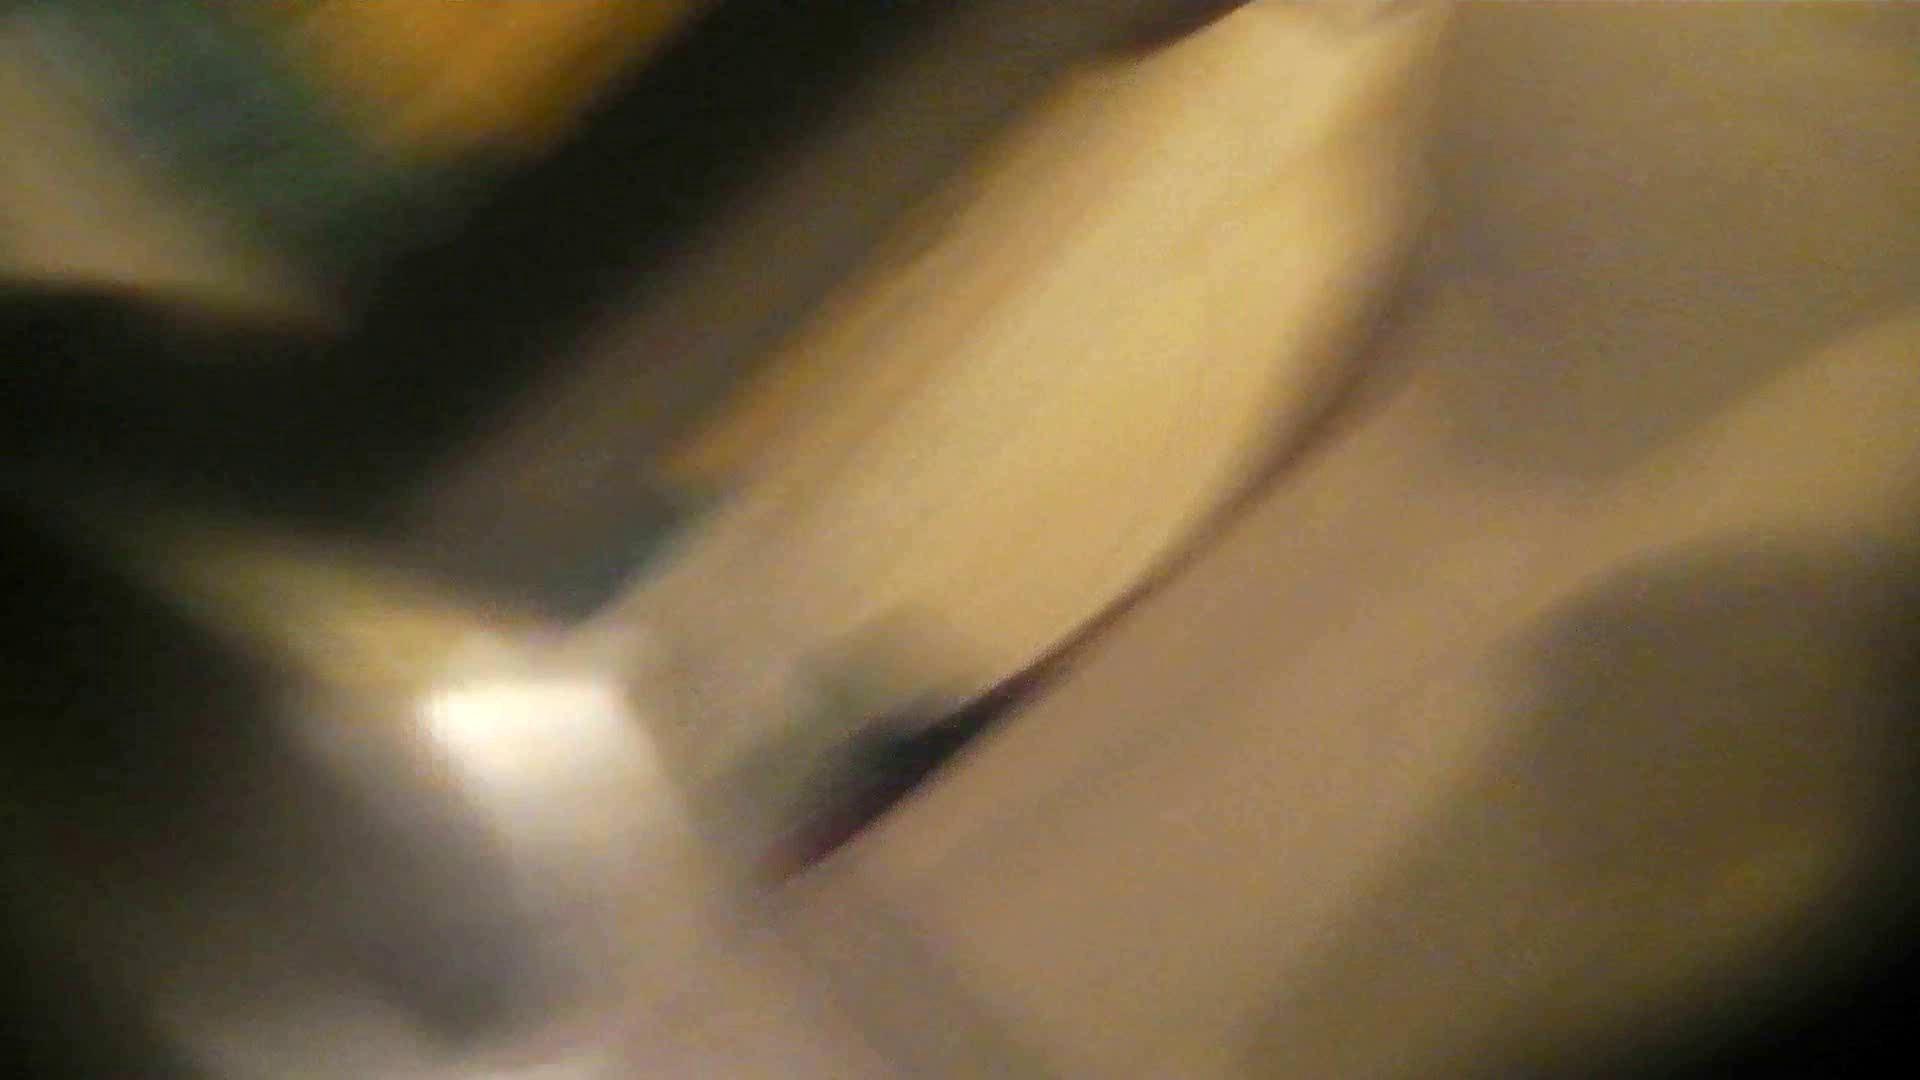 阿国ちゃんの「和式洋式七変化」No.12 和式 | 洗面所着替え  101連発 20